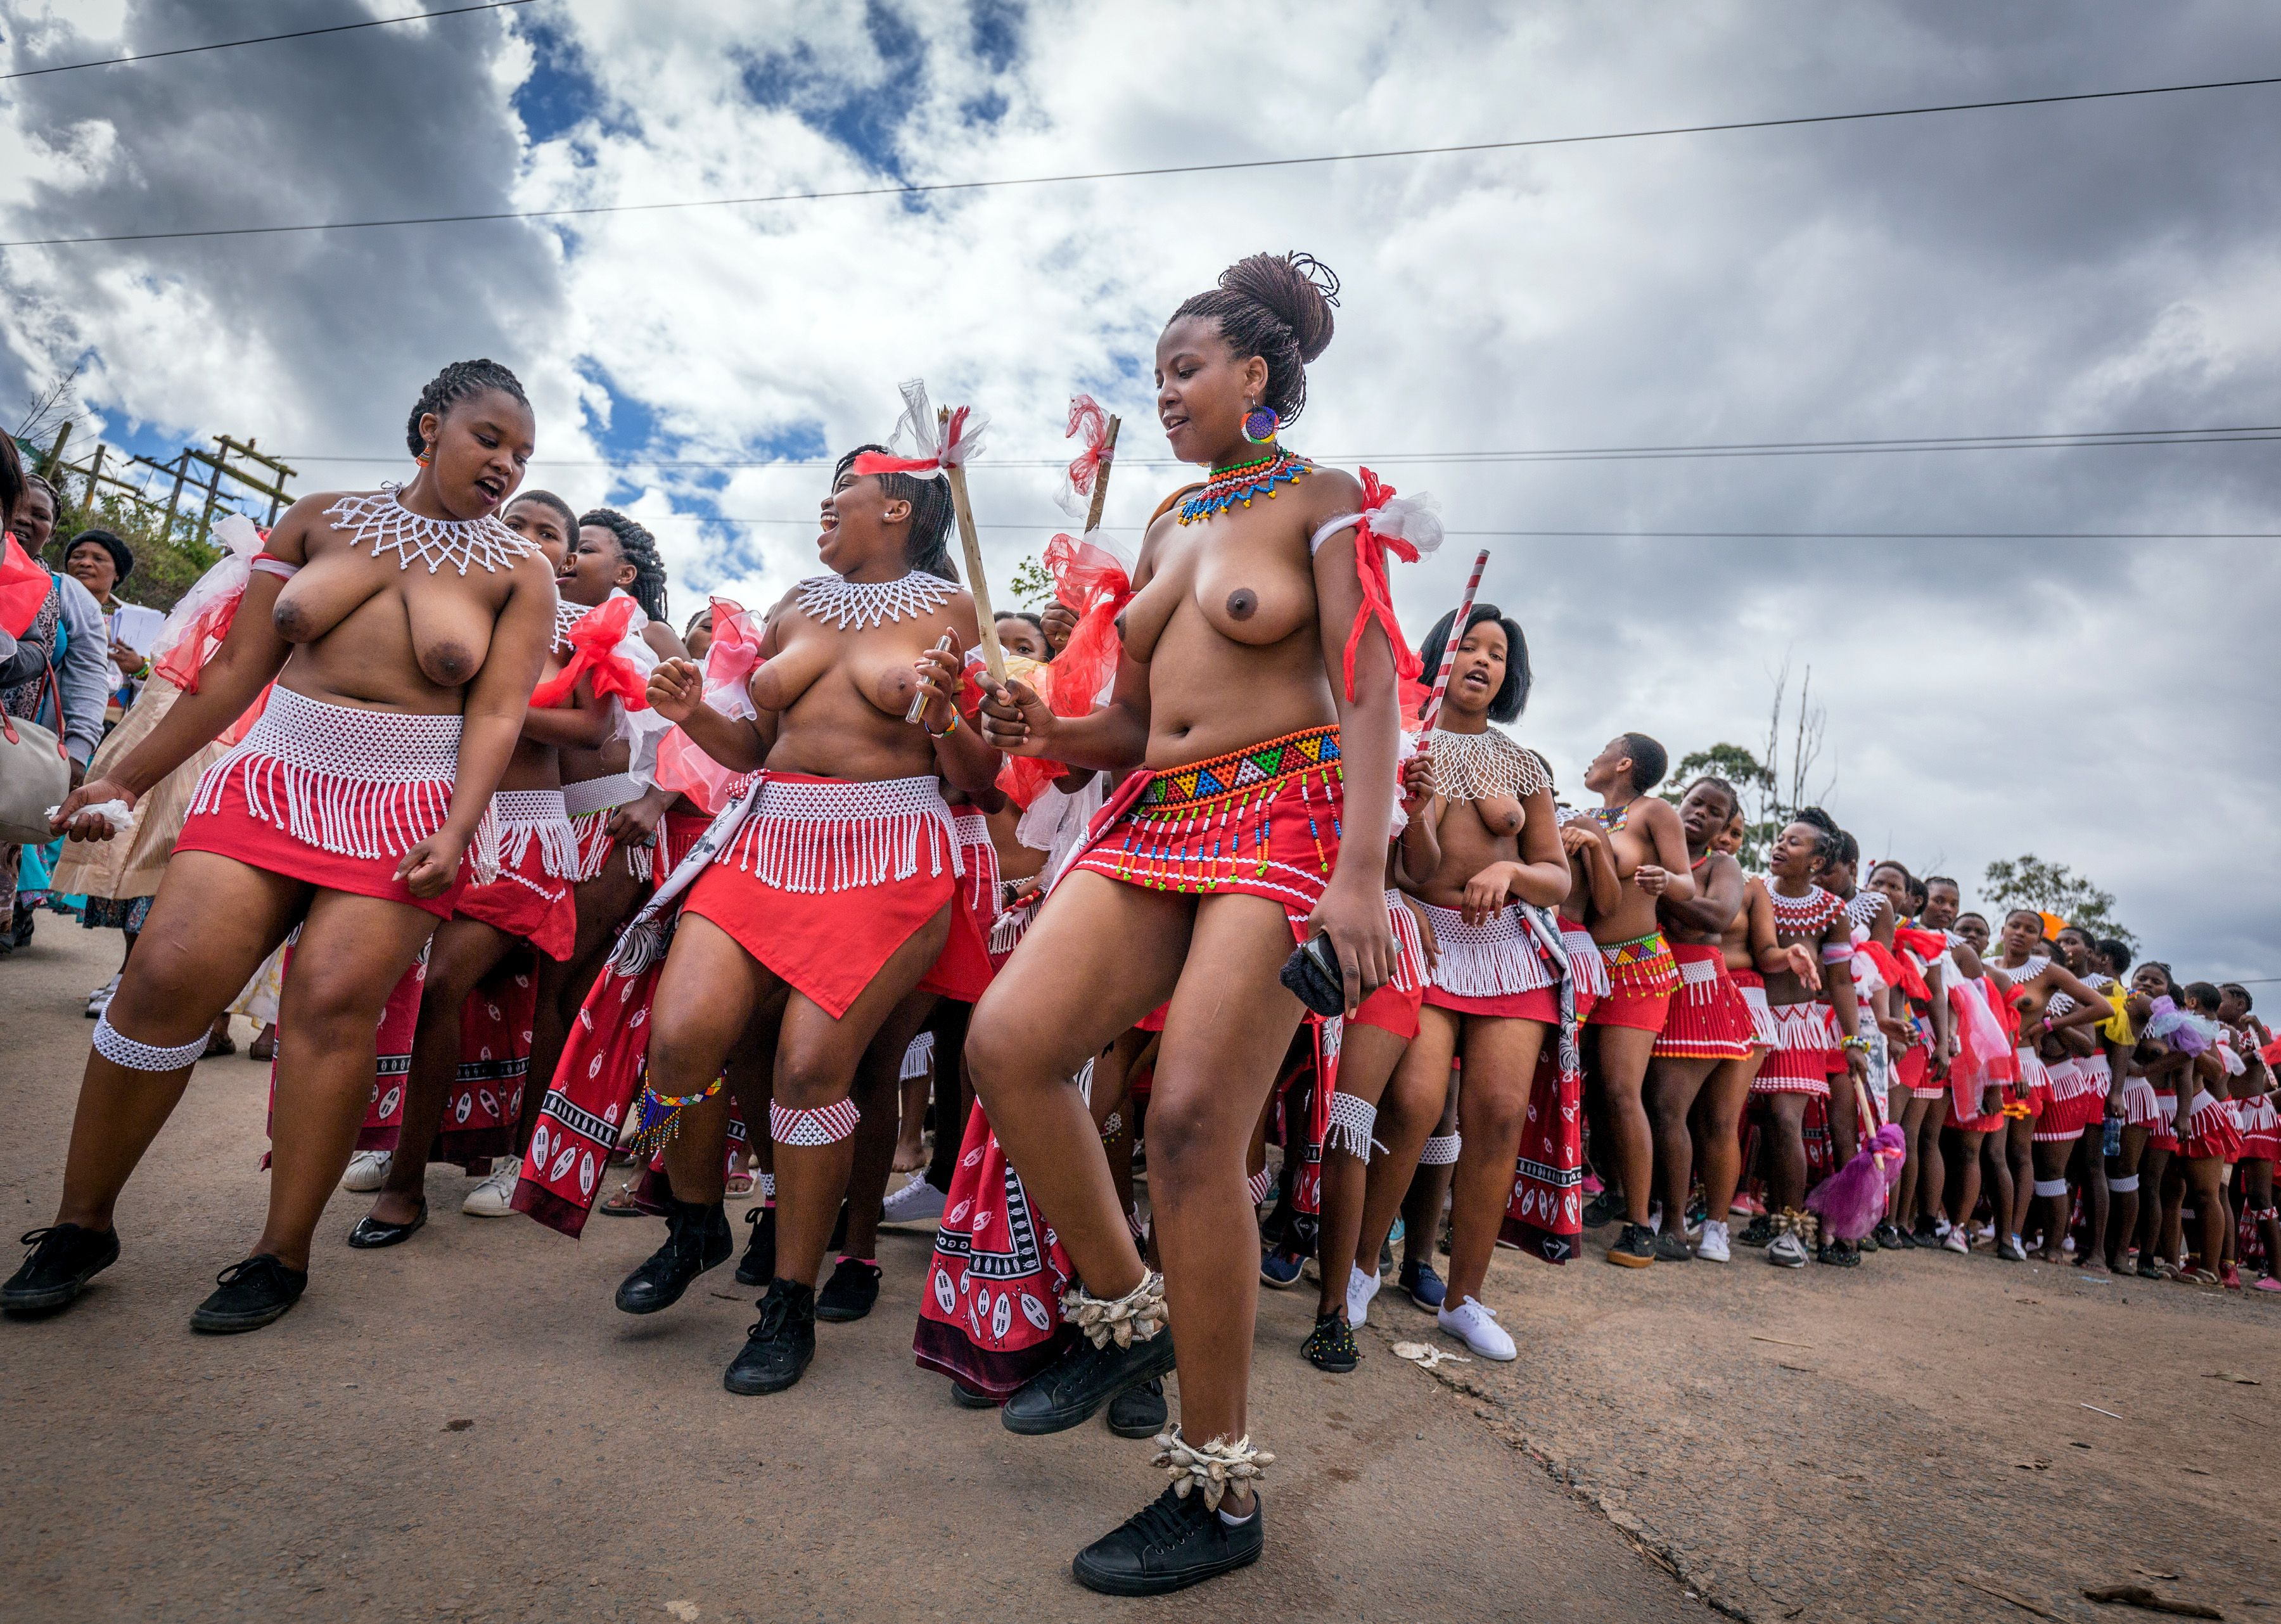 穿著南非祖魯族傳統服飾的女子在Durban城近郊參加小型的芒草舞蹈表演。(Getty Images)